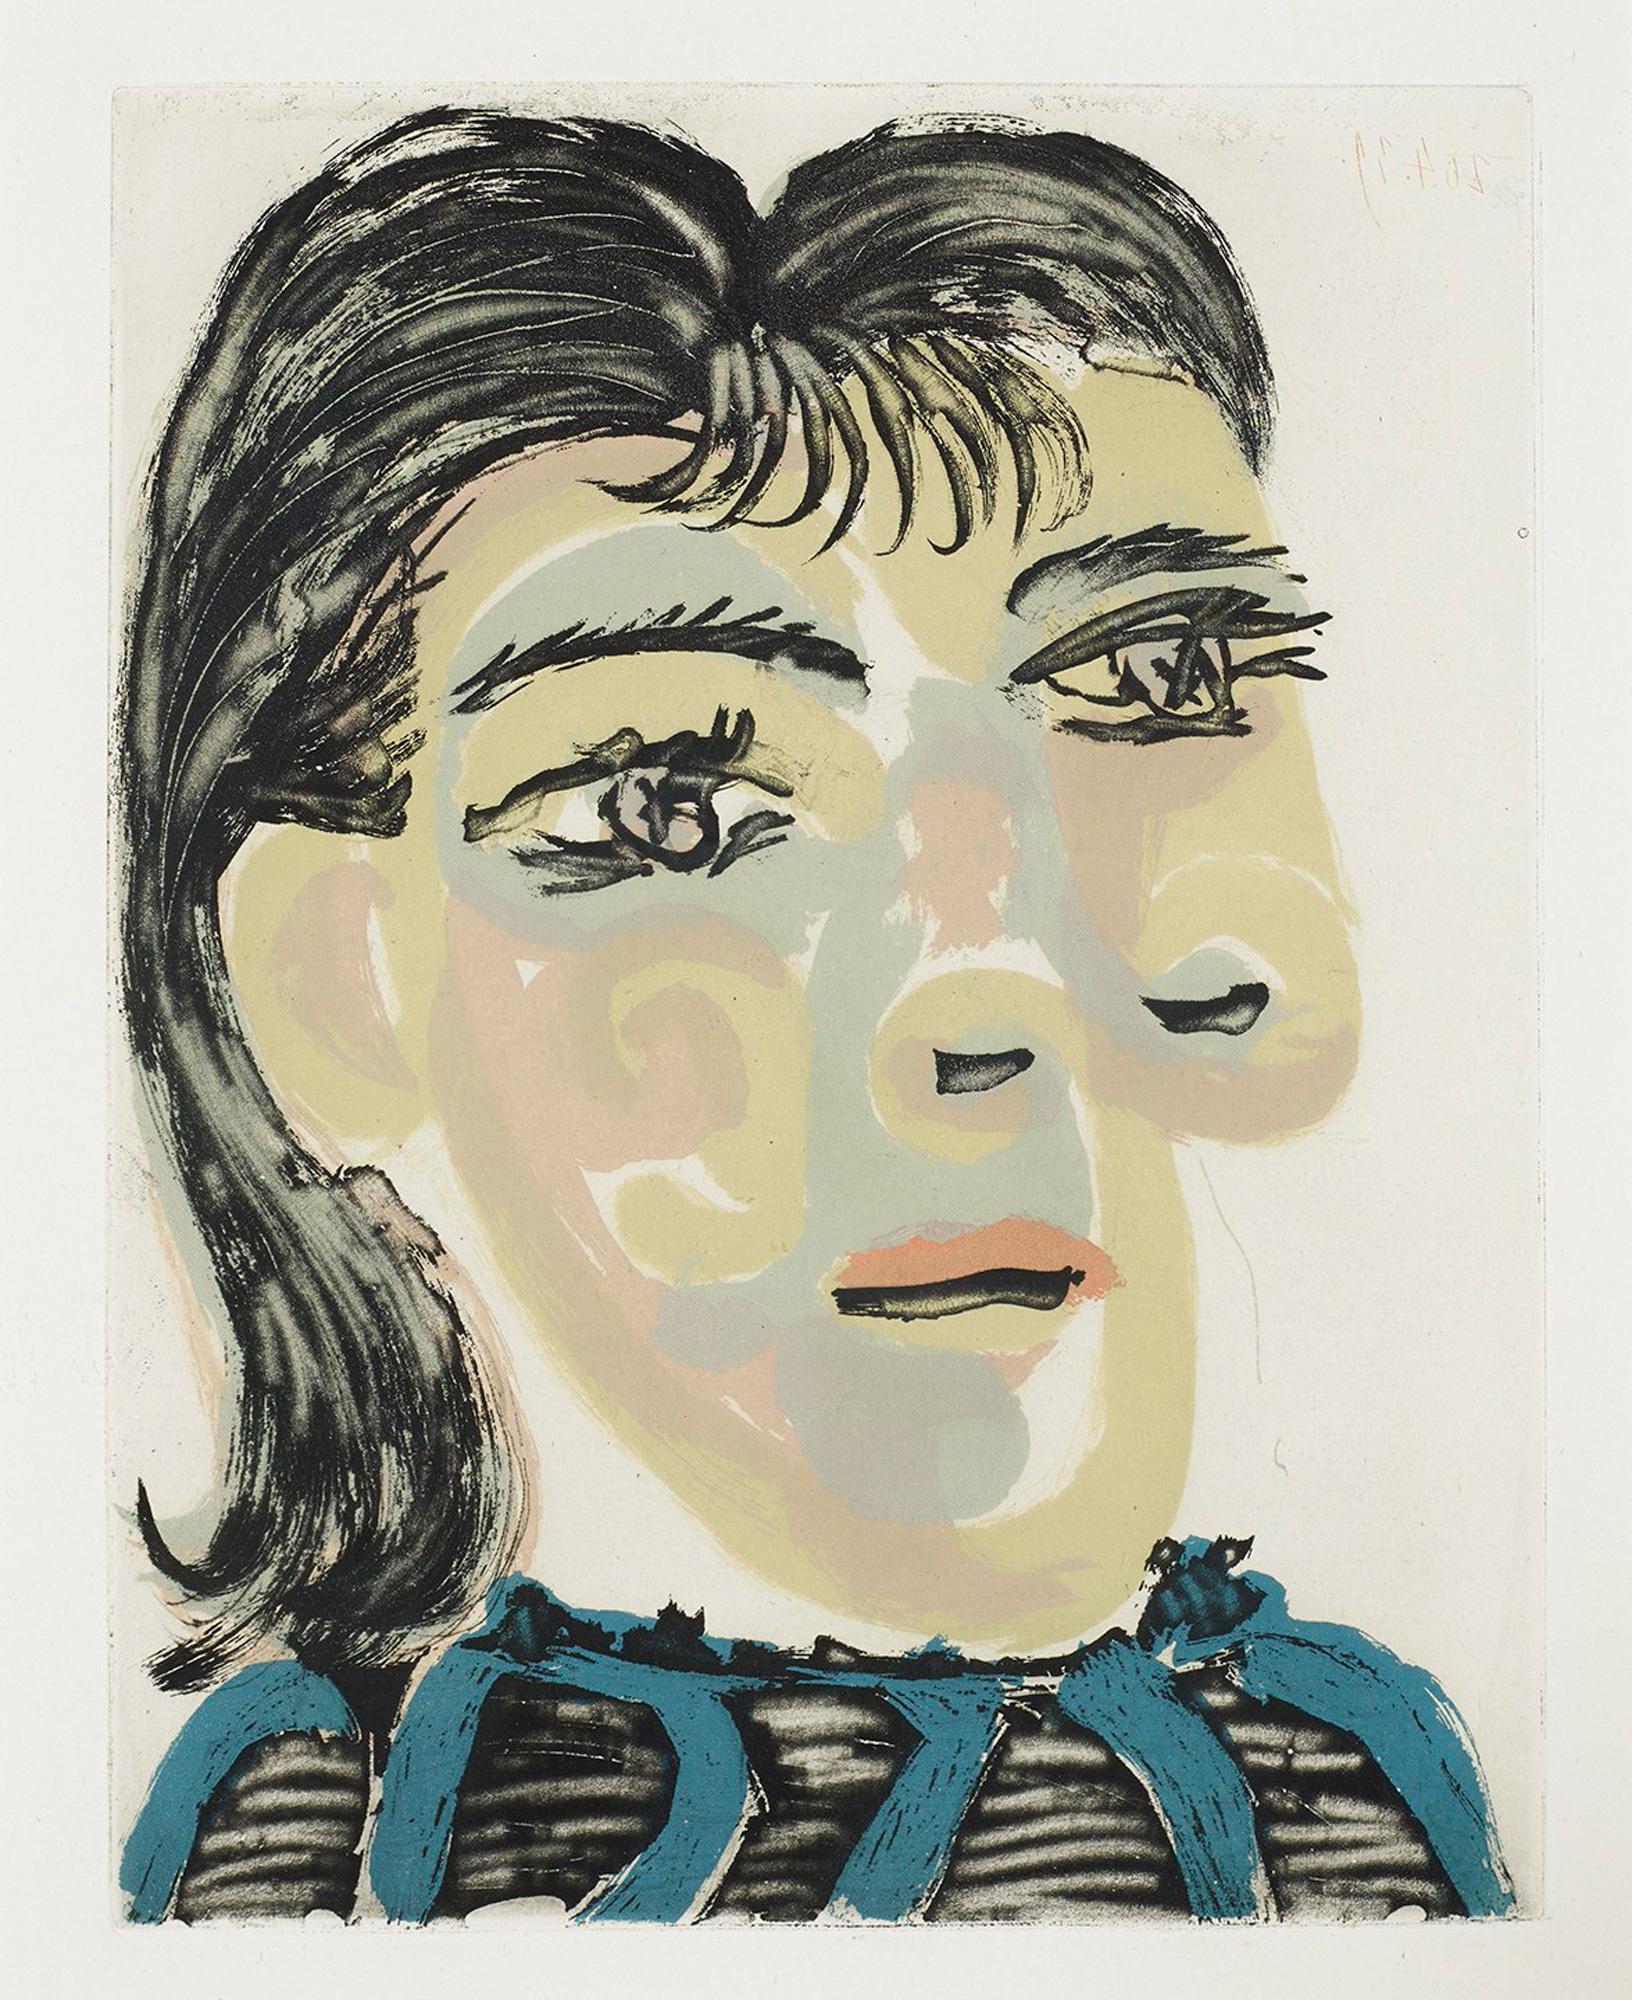 Pablo Picasso: Tête de Femme No. 2.  Portrait de Dora Maar (B1340)